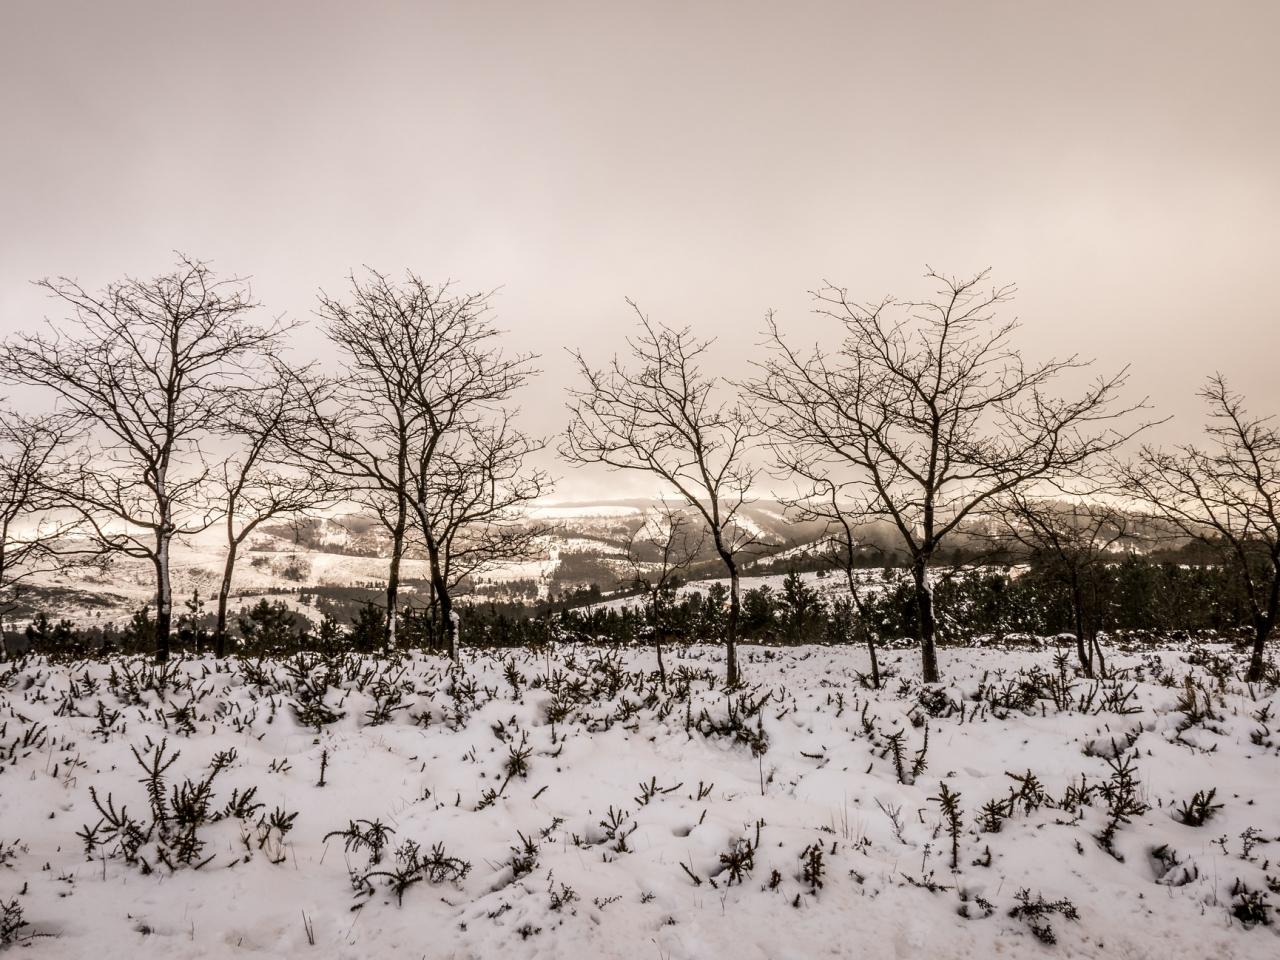 Otoño en las nieves - 1280x960